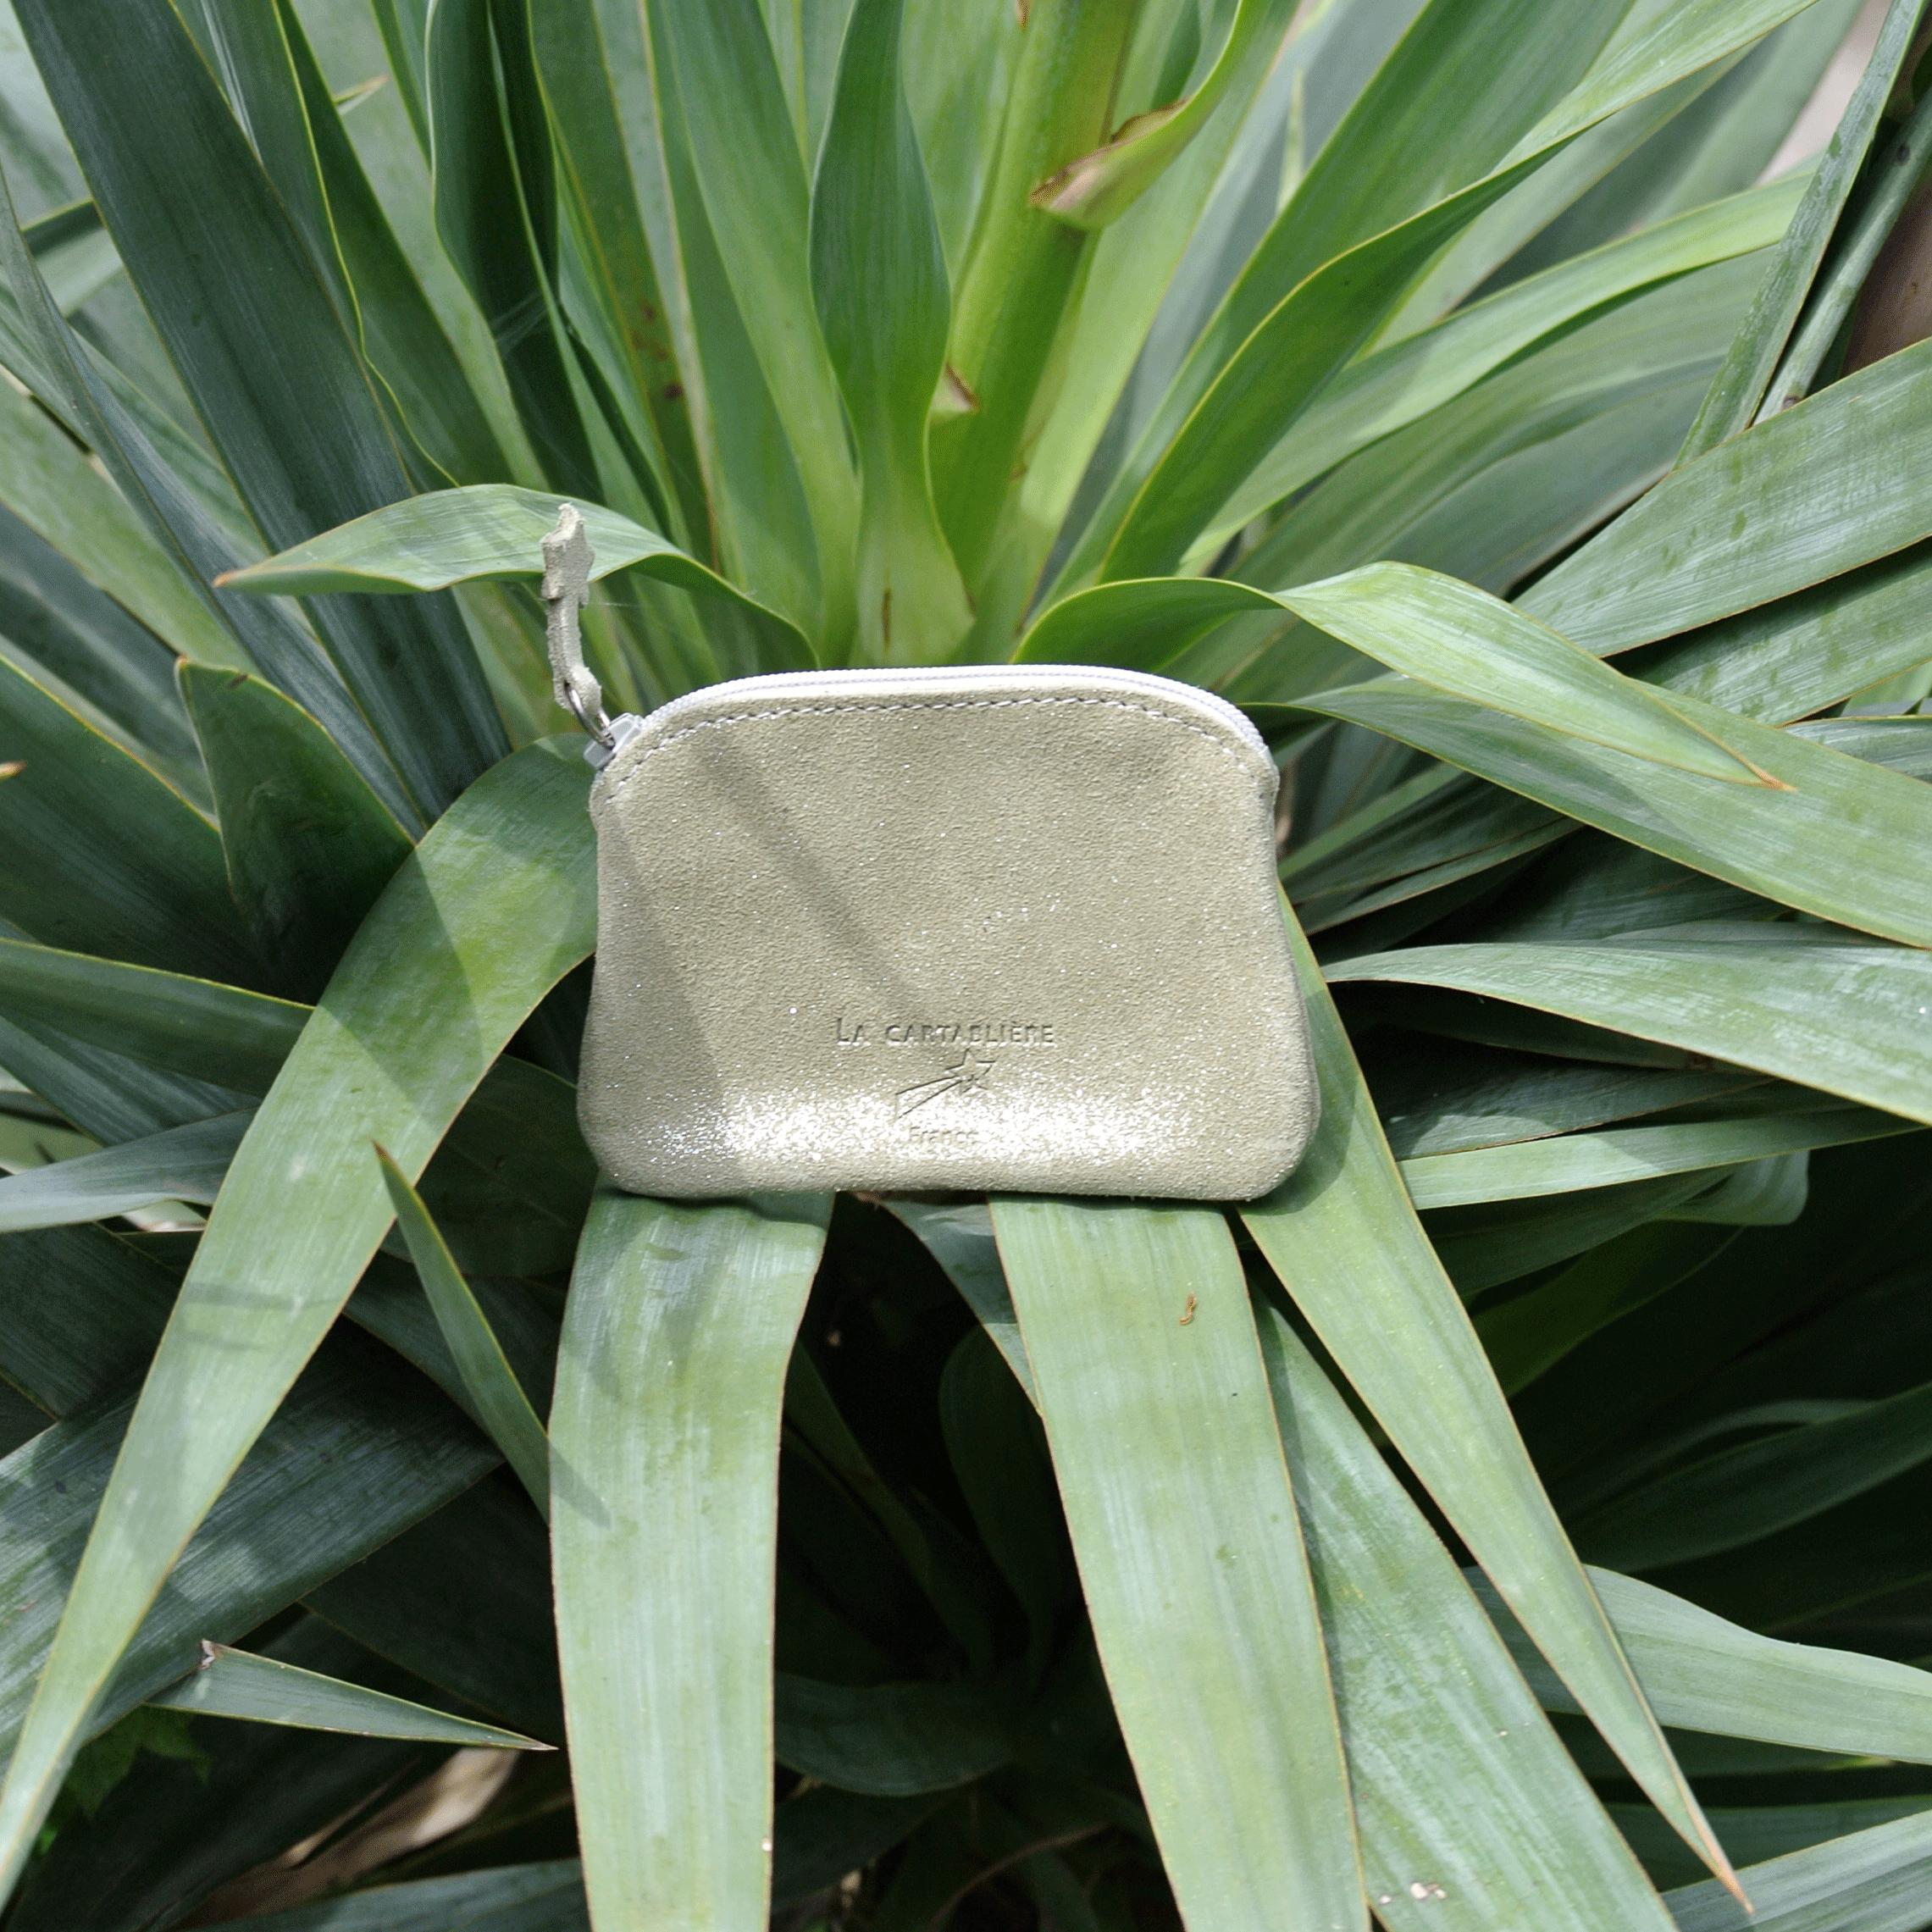 cuirs-fantaisies-la-cartabliere-fabrique-en-france-porte-monnaie-kiwi-en-cuir-paillete-vert-olive